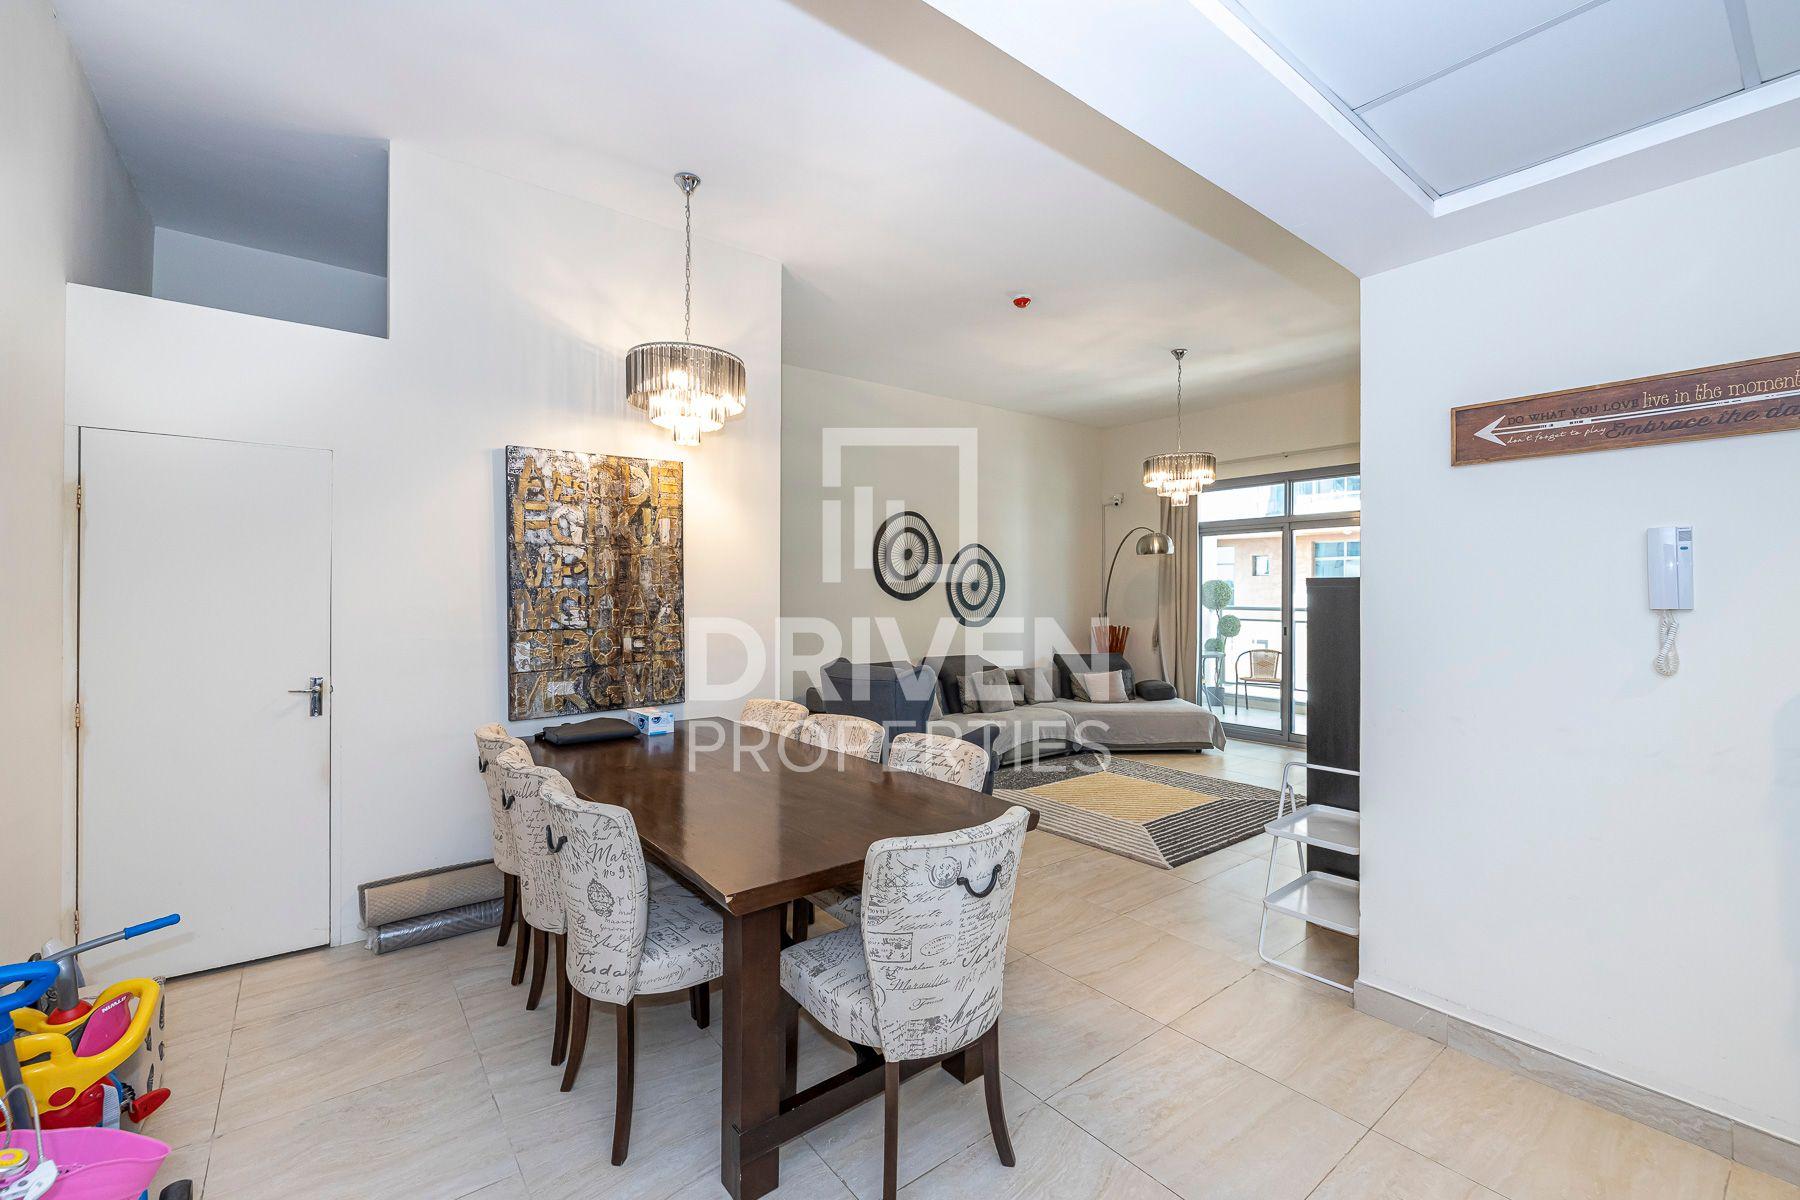 Apartment for Sale in Yasamine - Al Furjan